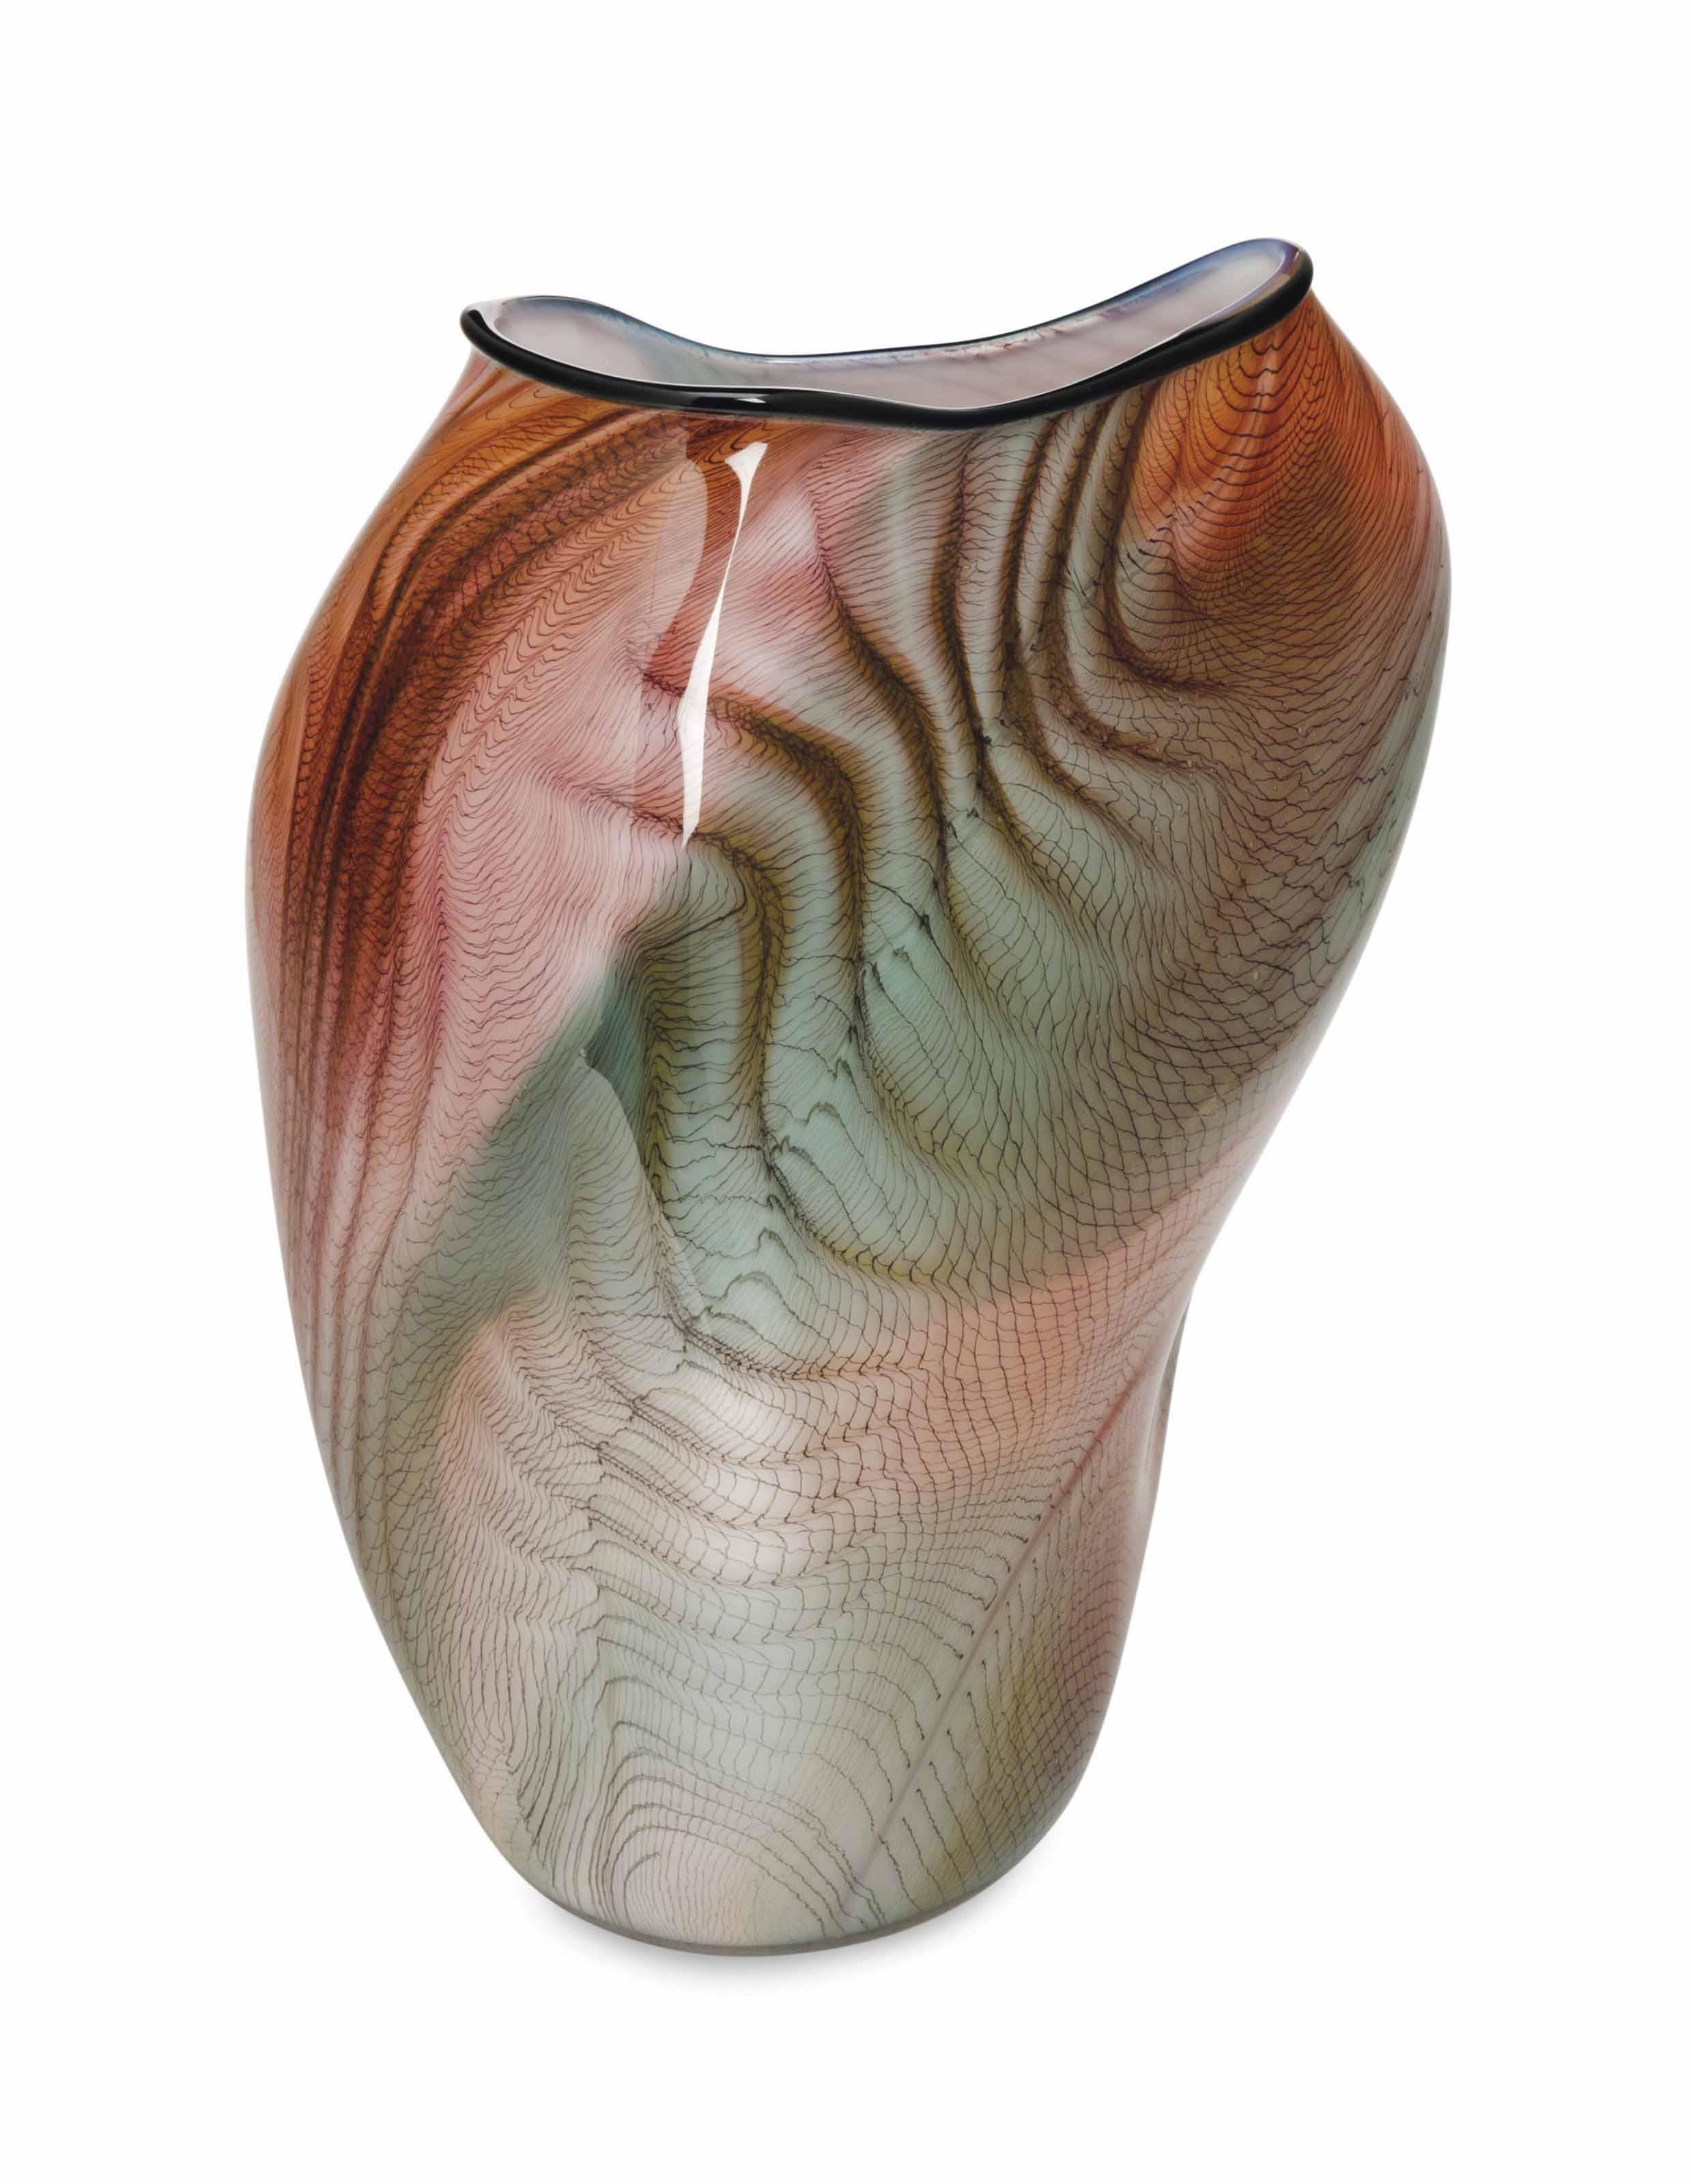 Untitled (Vase 3/83)